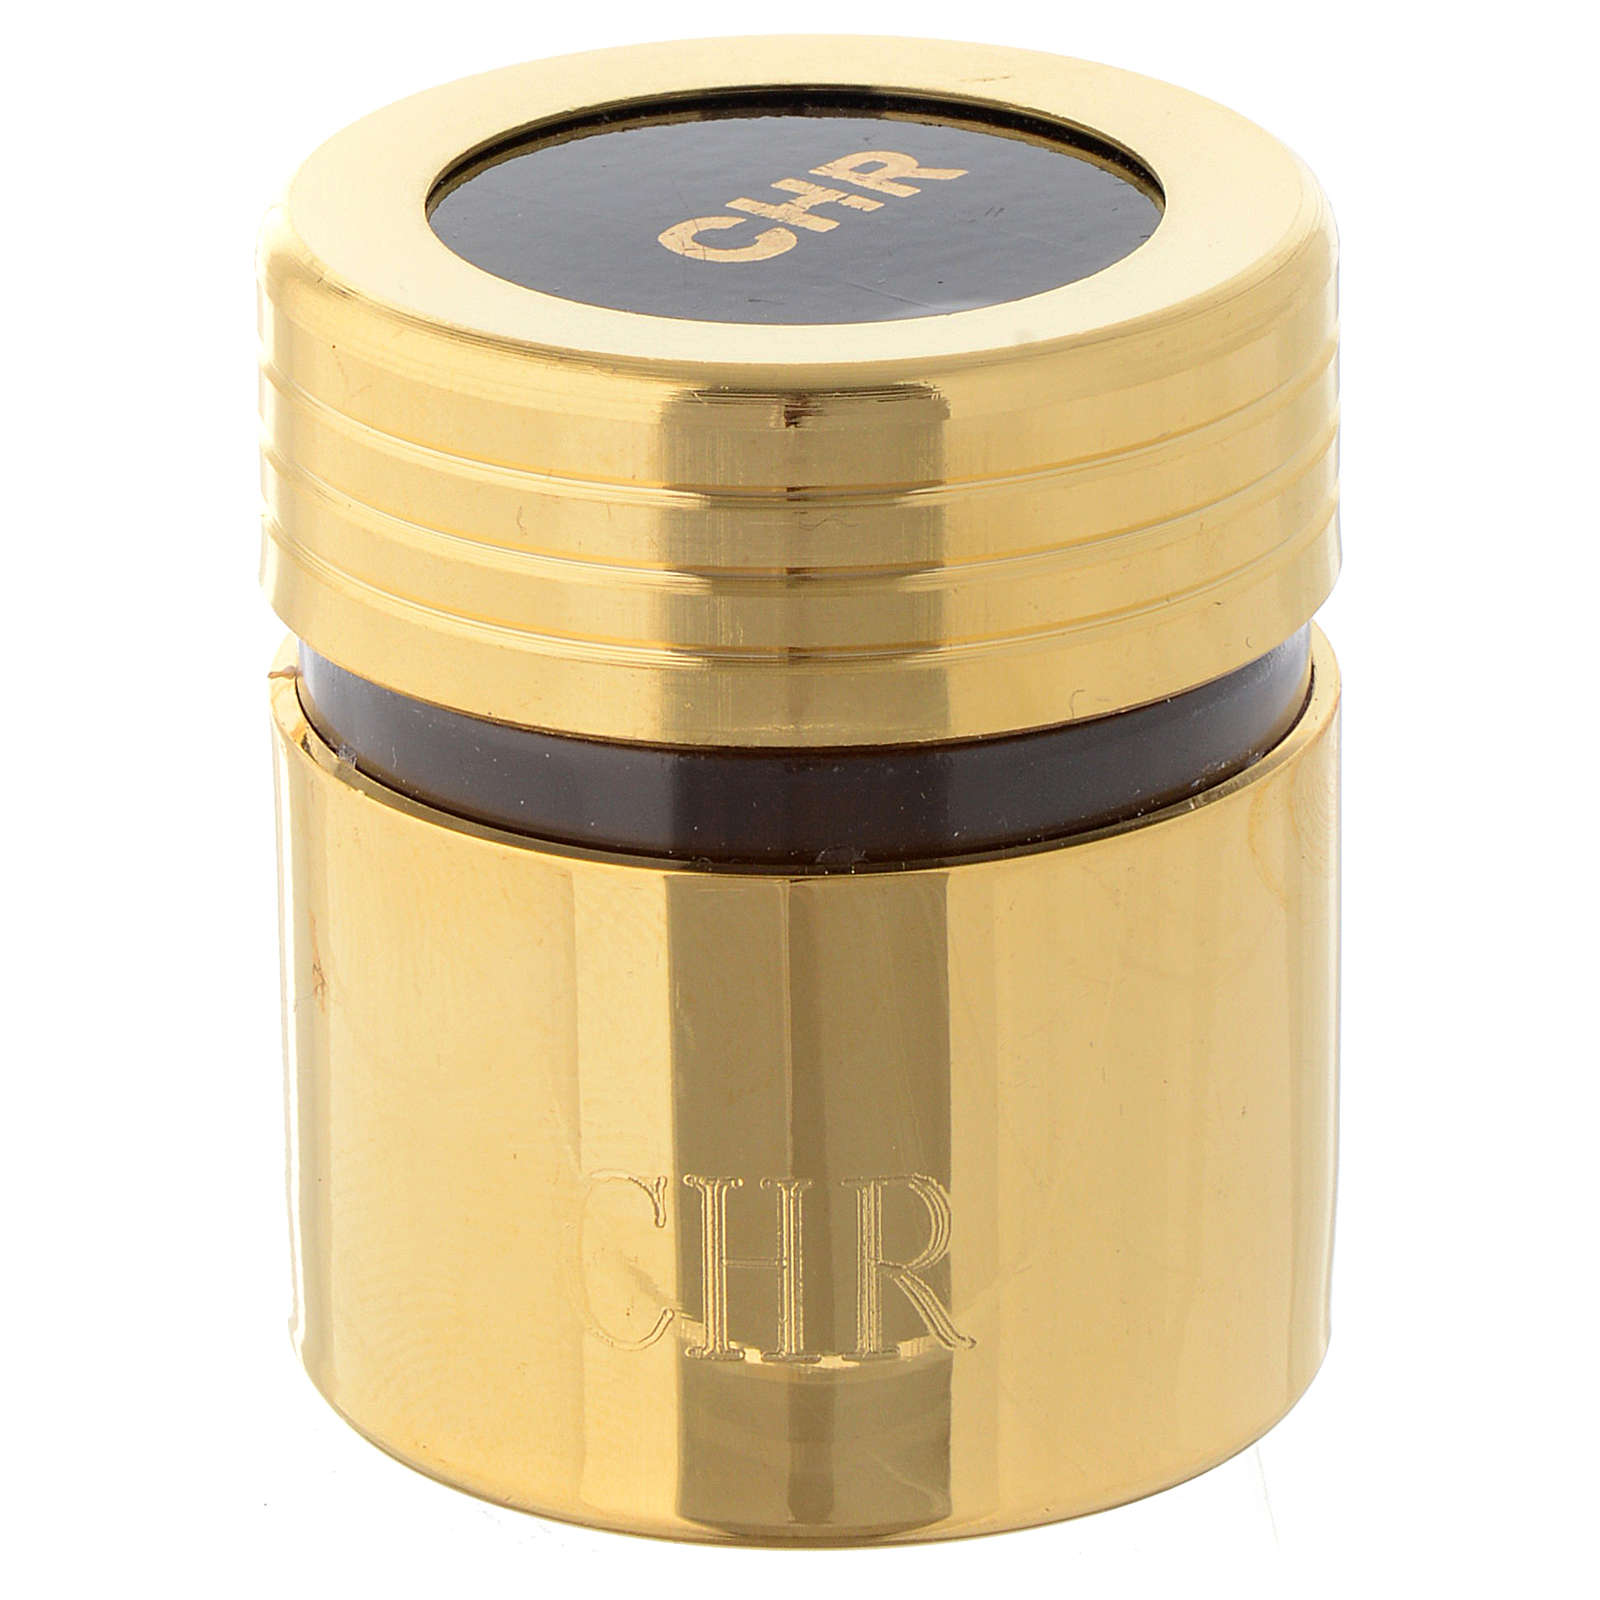 Ampoule verre renforcé dorée huile chrême 3